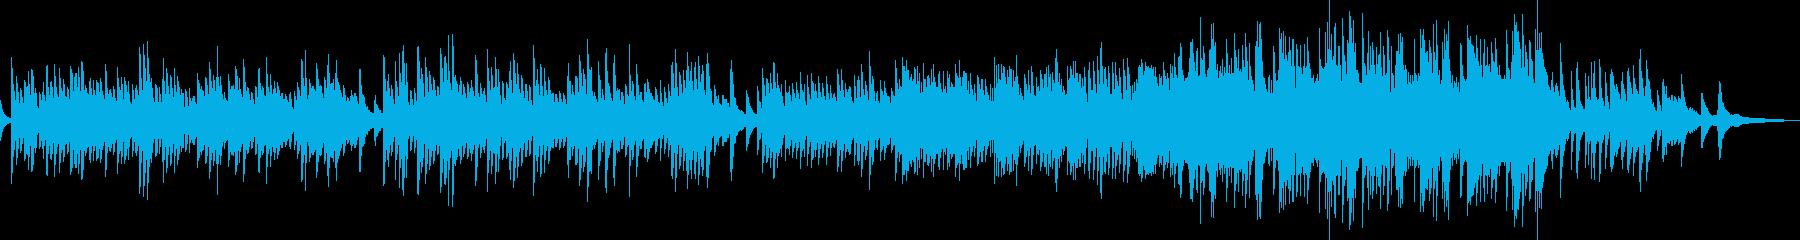 まどろみに包まれる癒しのピアノソロの再生済みの波形